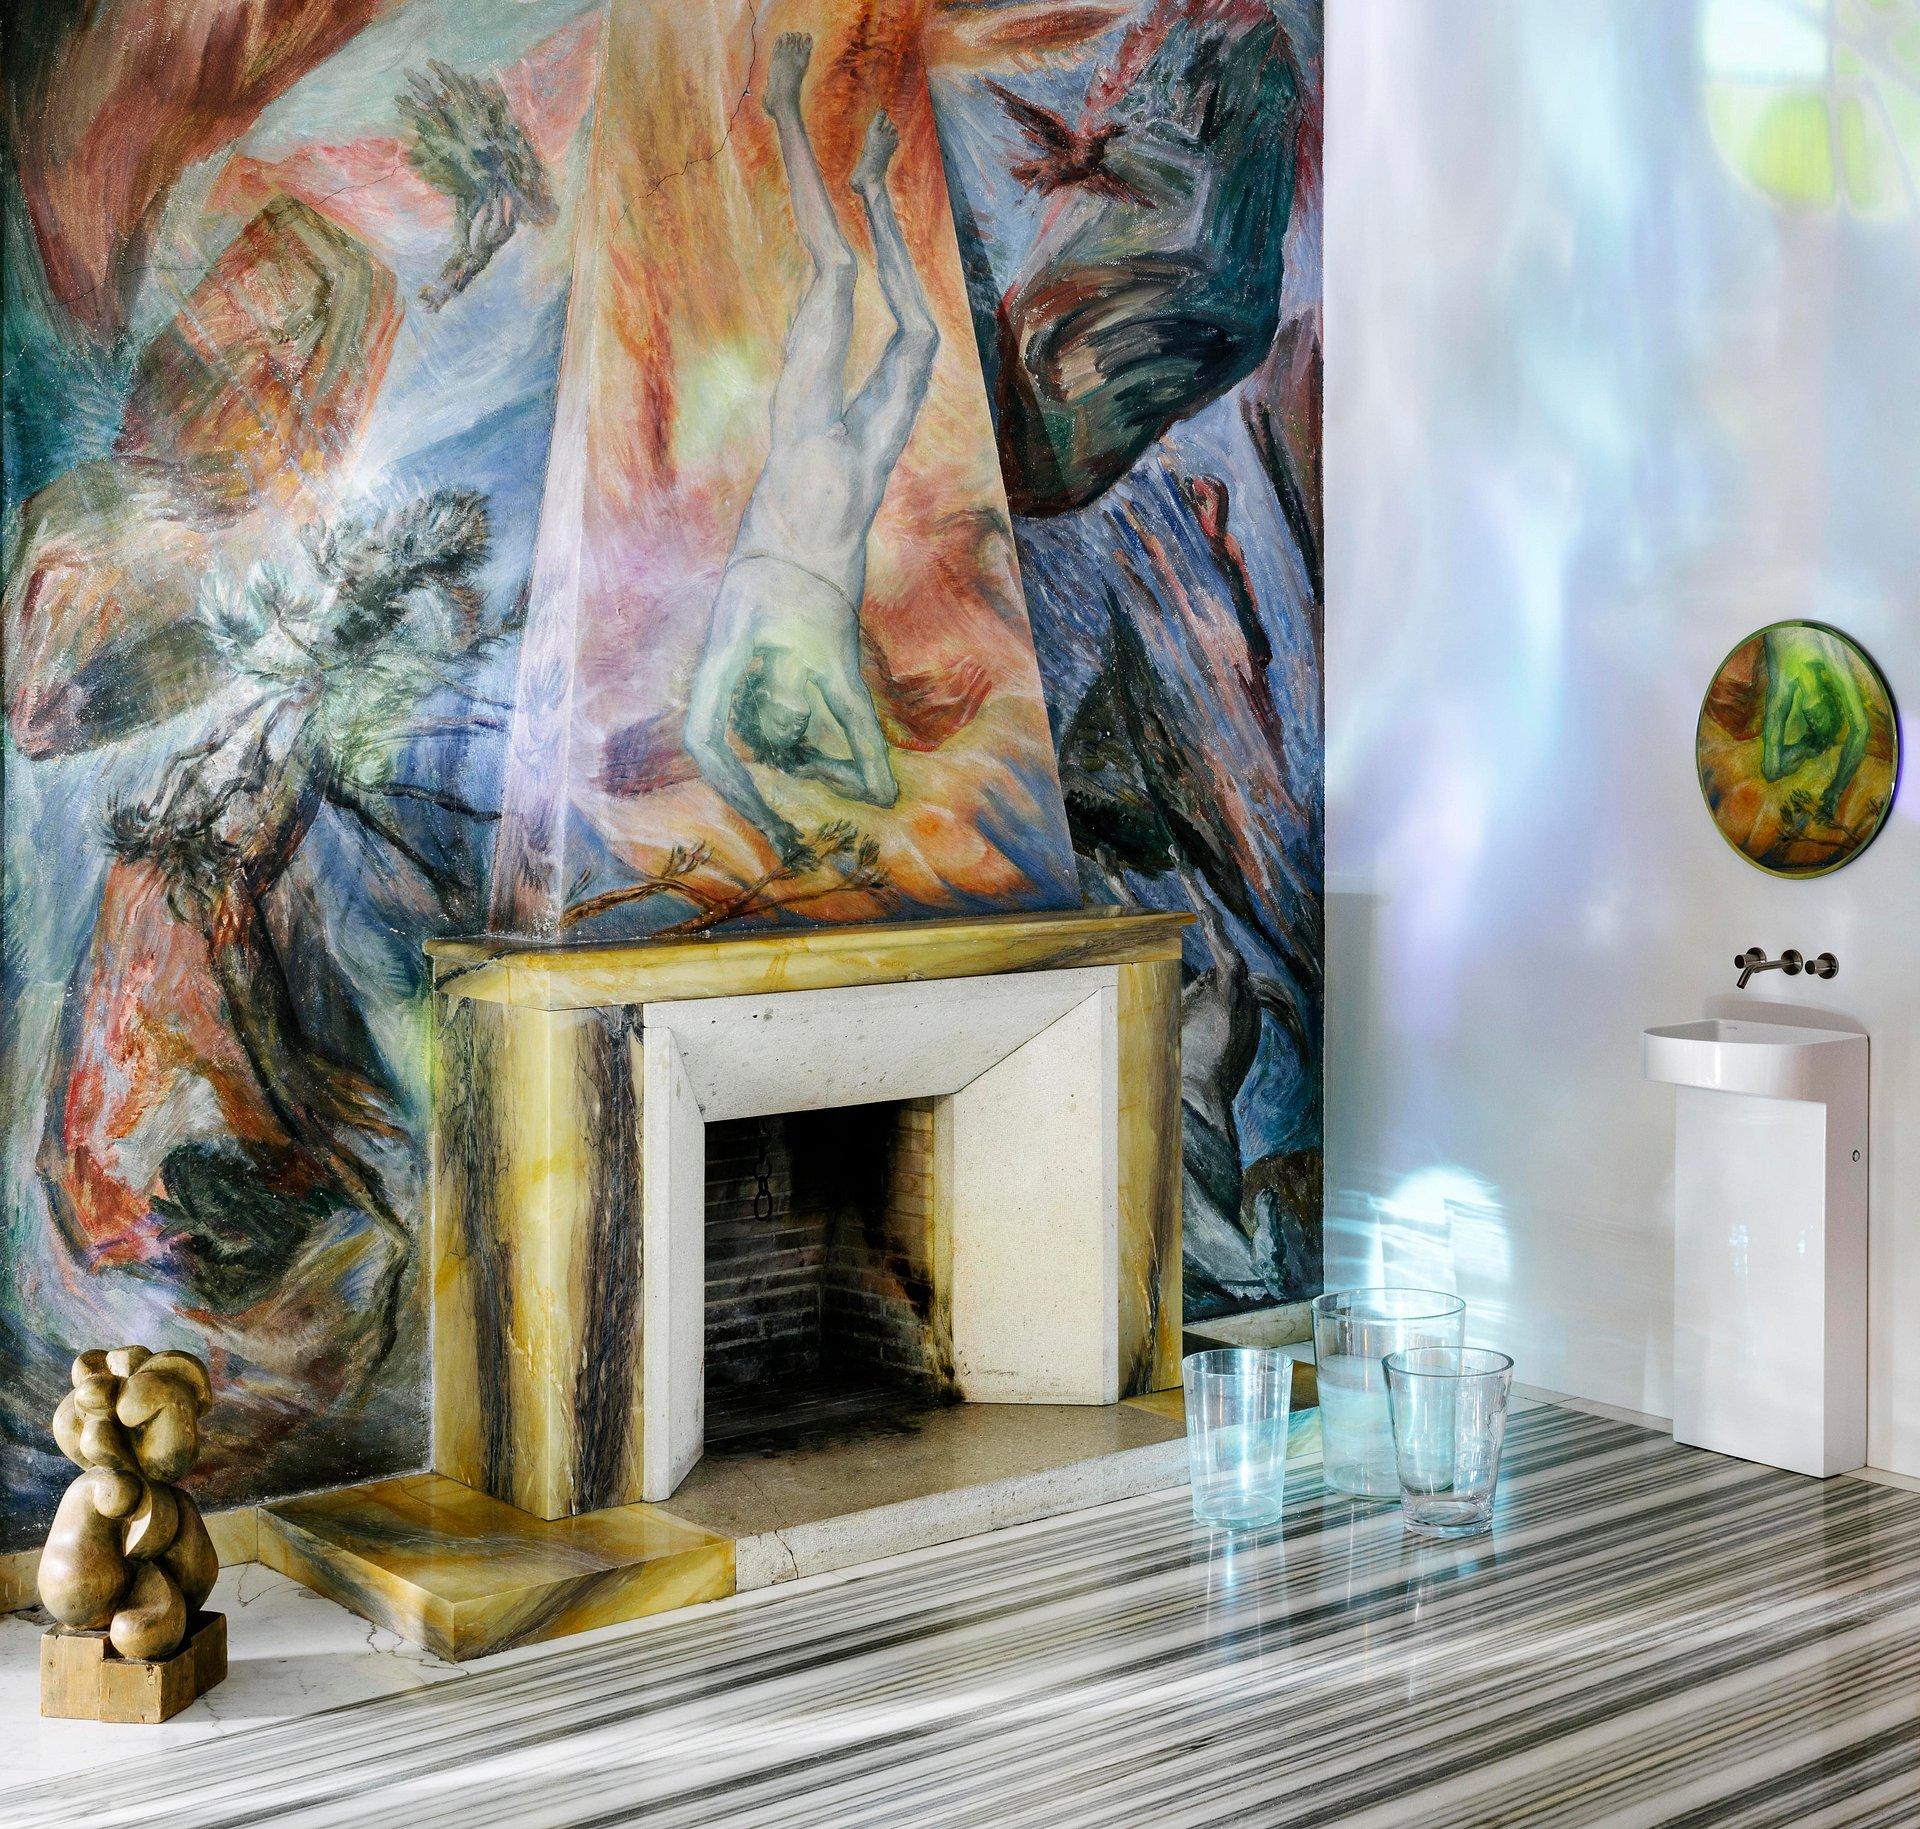 Kolekcja Sonar - tworzy nowe wnętrza, inne niż wszystkie dotąd.